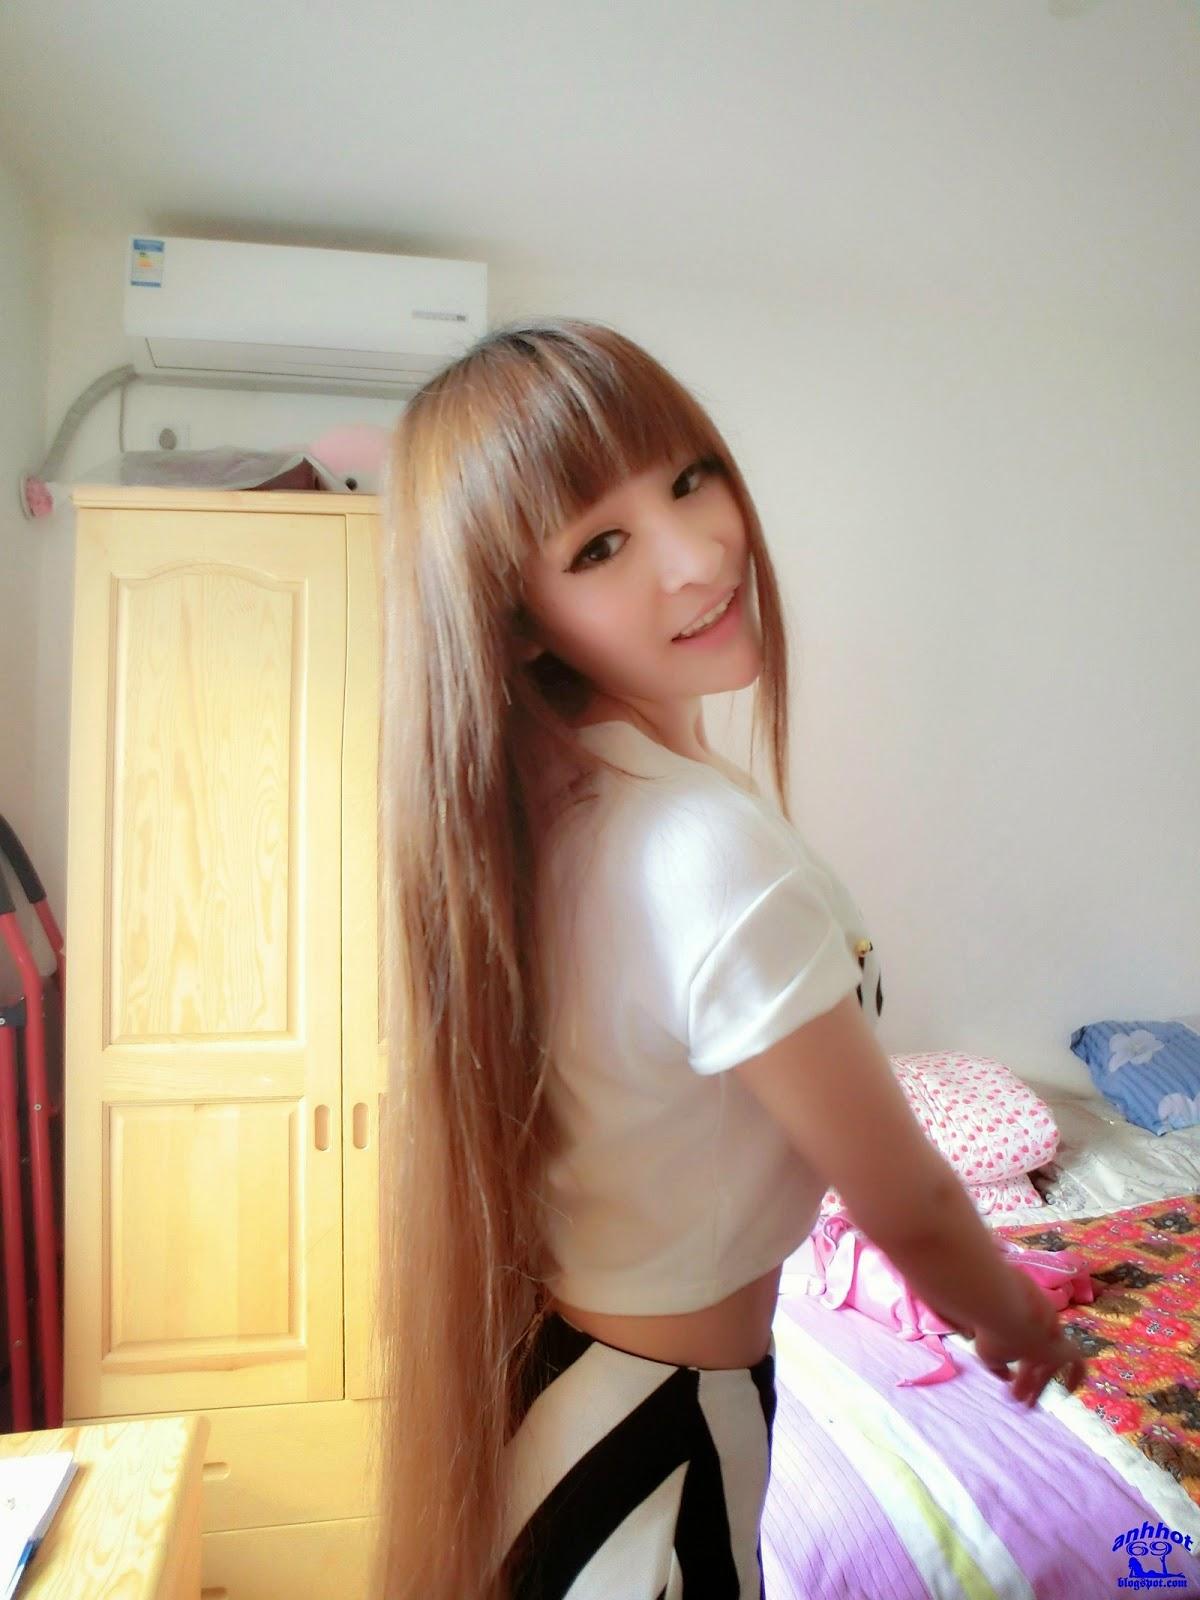 Suxia_h5_11749175218673a7aeo